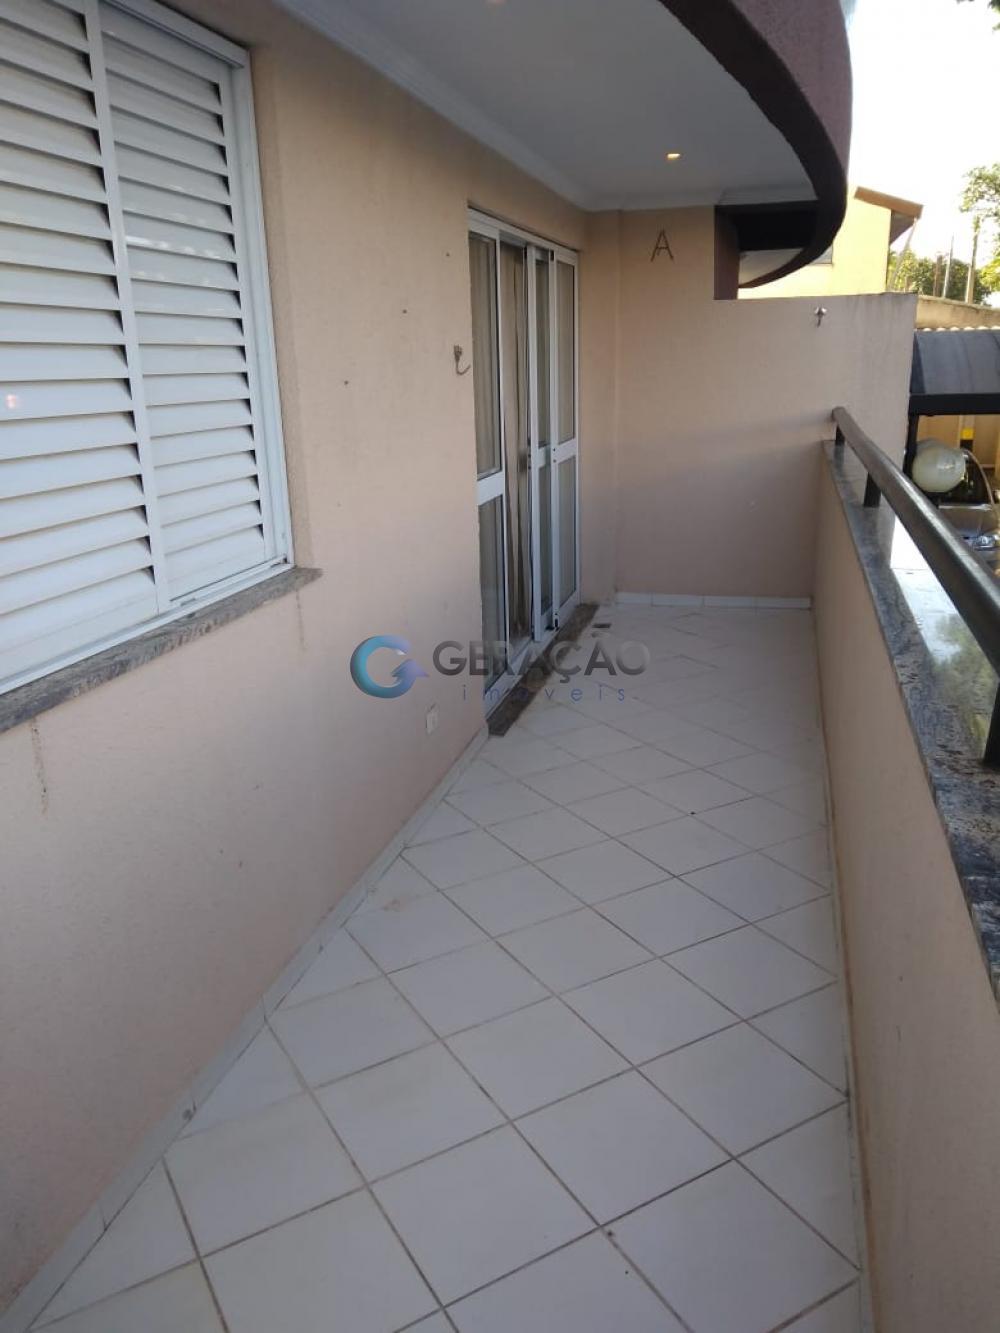 Comprar Apartamento / Padrão em São José dos Campos R$ 265.000,00 - Foto 6